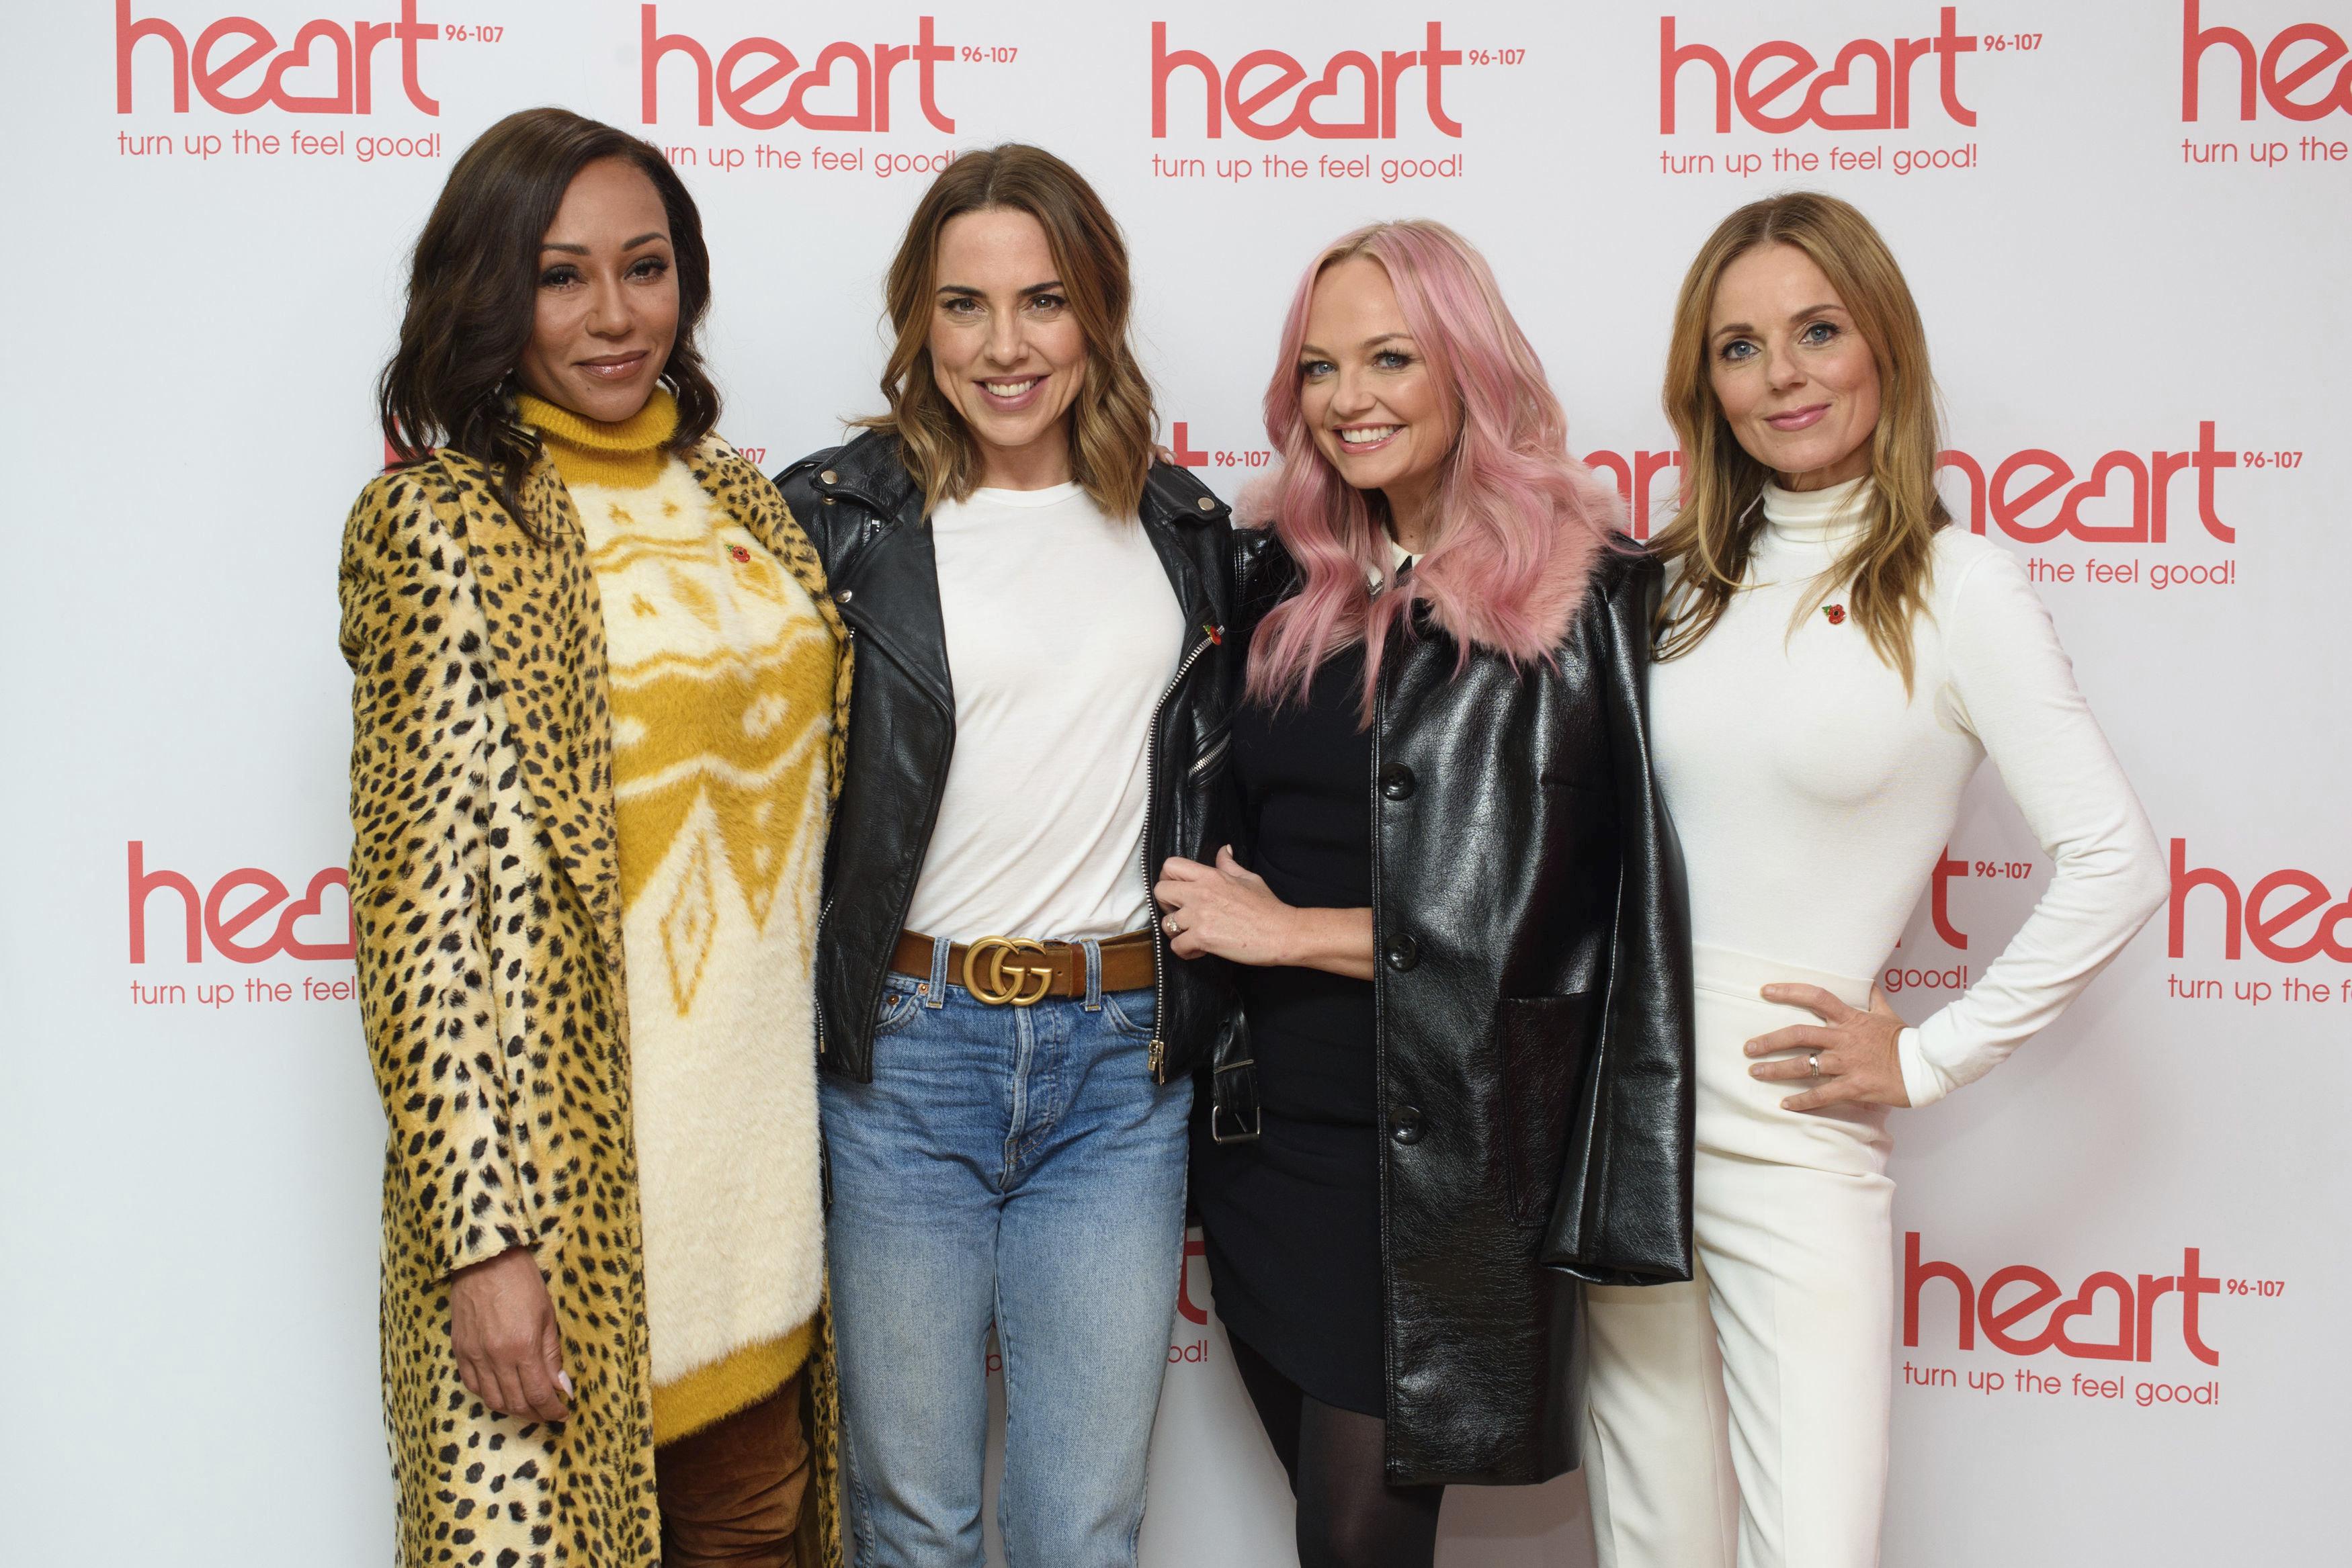 ARCHIVO- En esta fotografía del miércoles 7 de noviembre de 2018 se muestra a las Spice Girls, Melanie Brown (izquierda), Melanie Chisholm, Emma Bunton y Geri Horner durante un espectáculo en Londres. (Matt Crossick/PA via AP, Archivo)